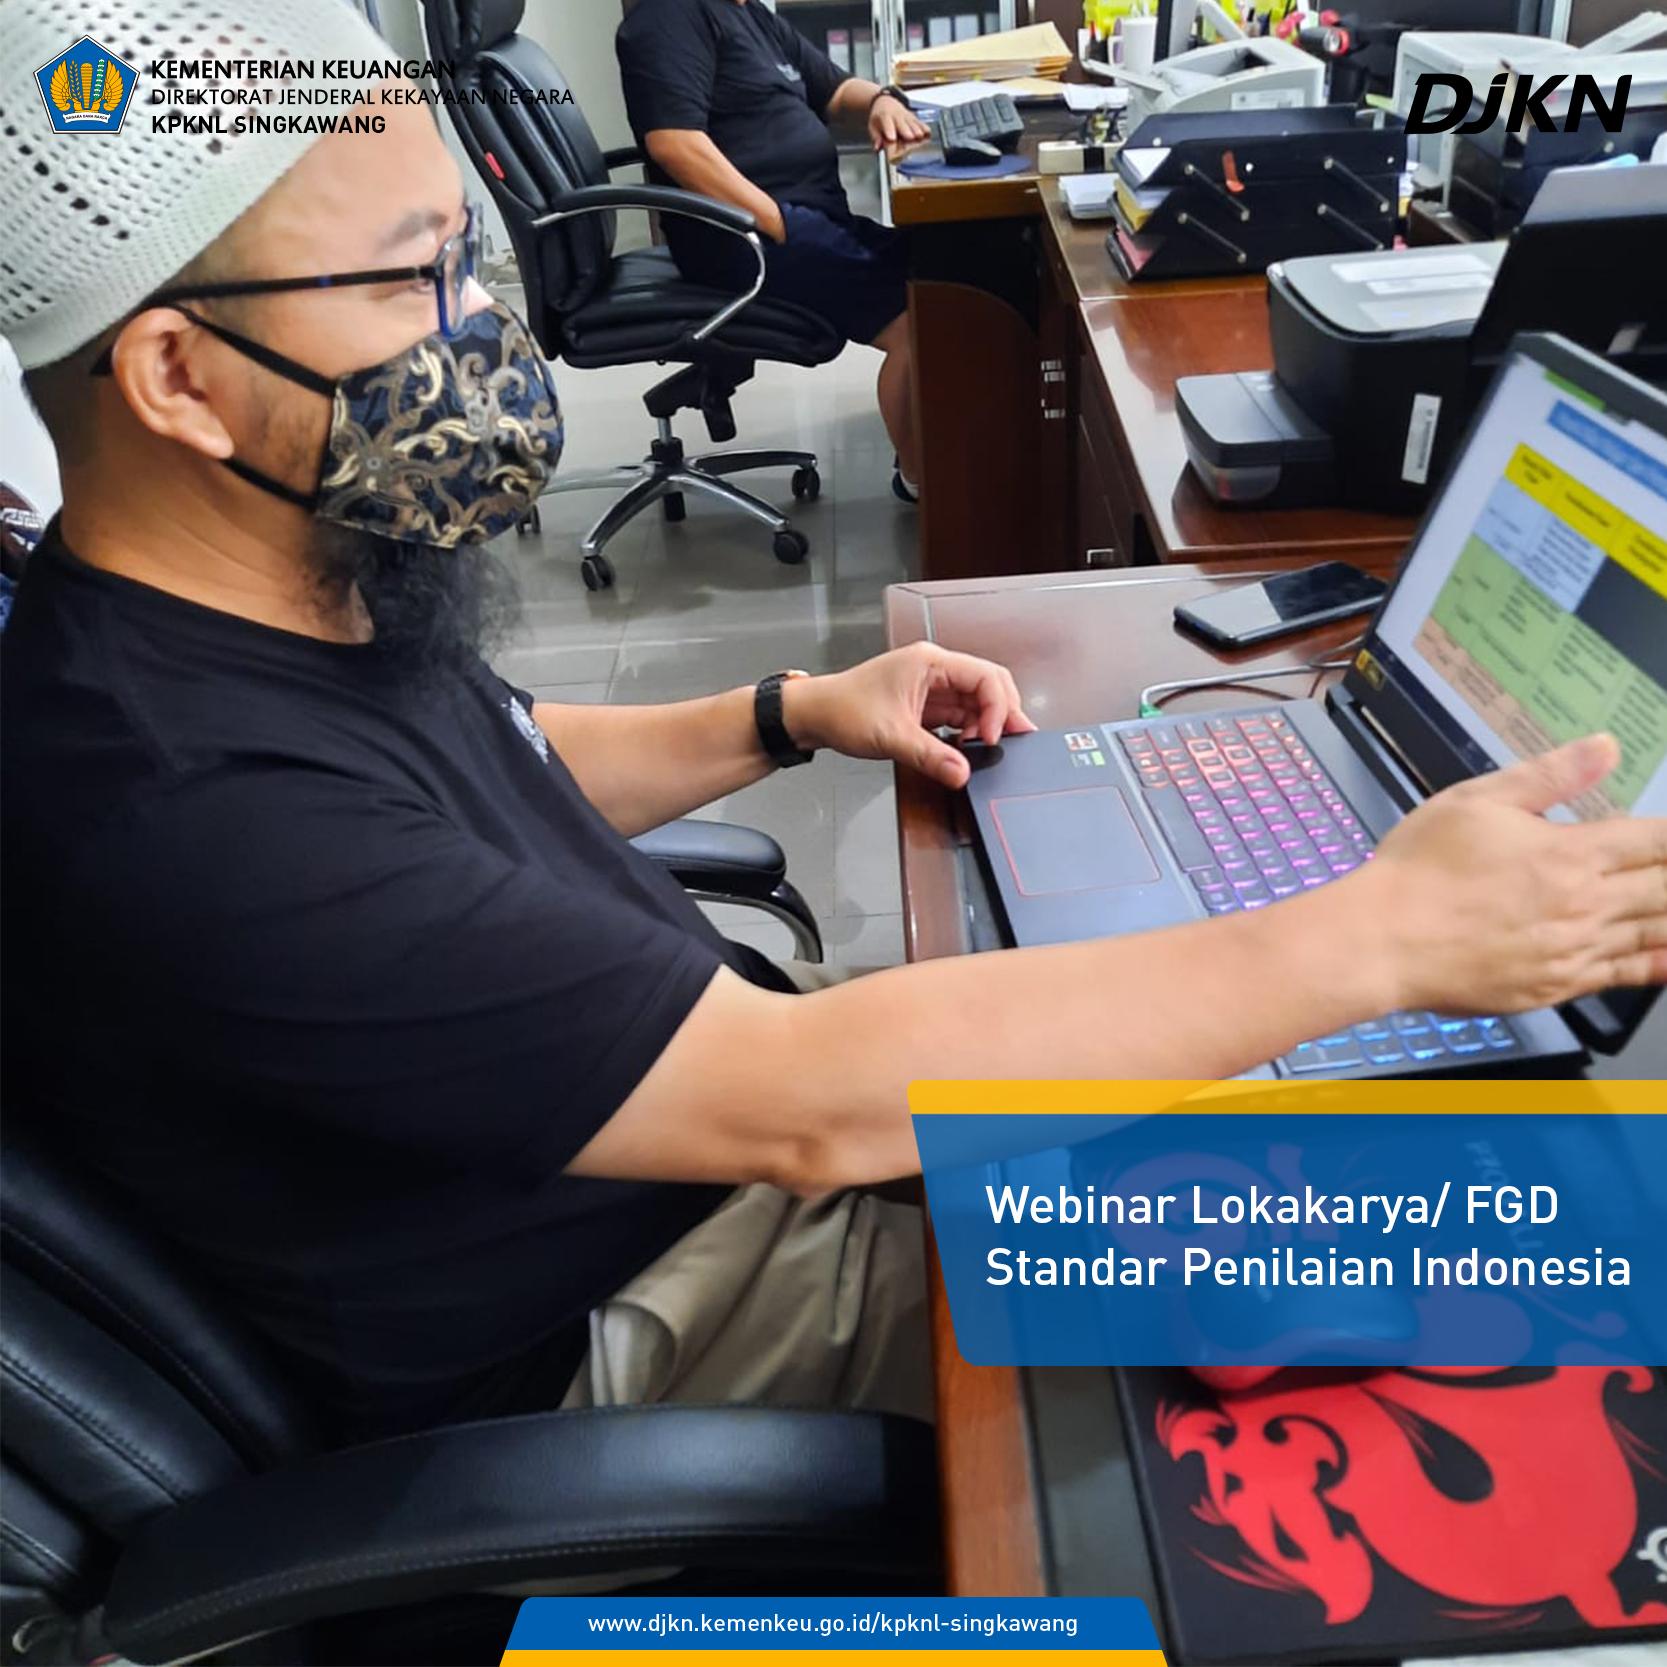 Standar Penilaian Indonesia untuk Penilaian Berkualitas